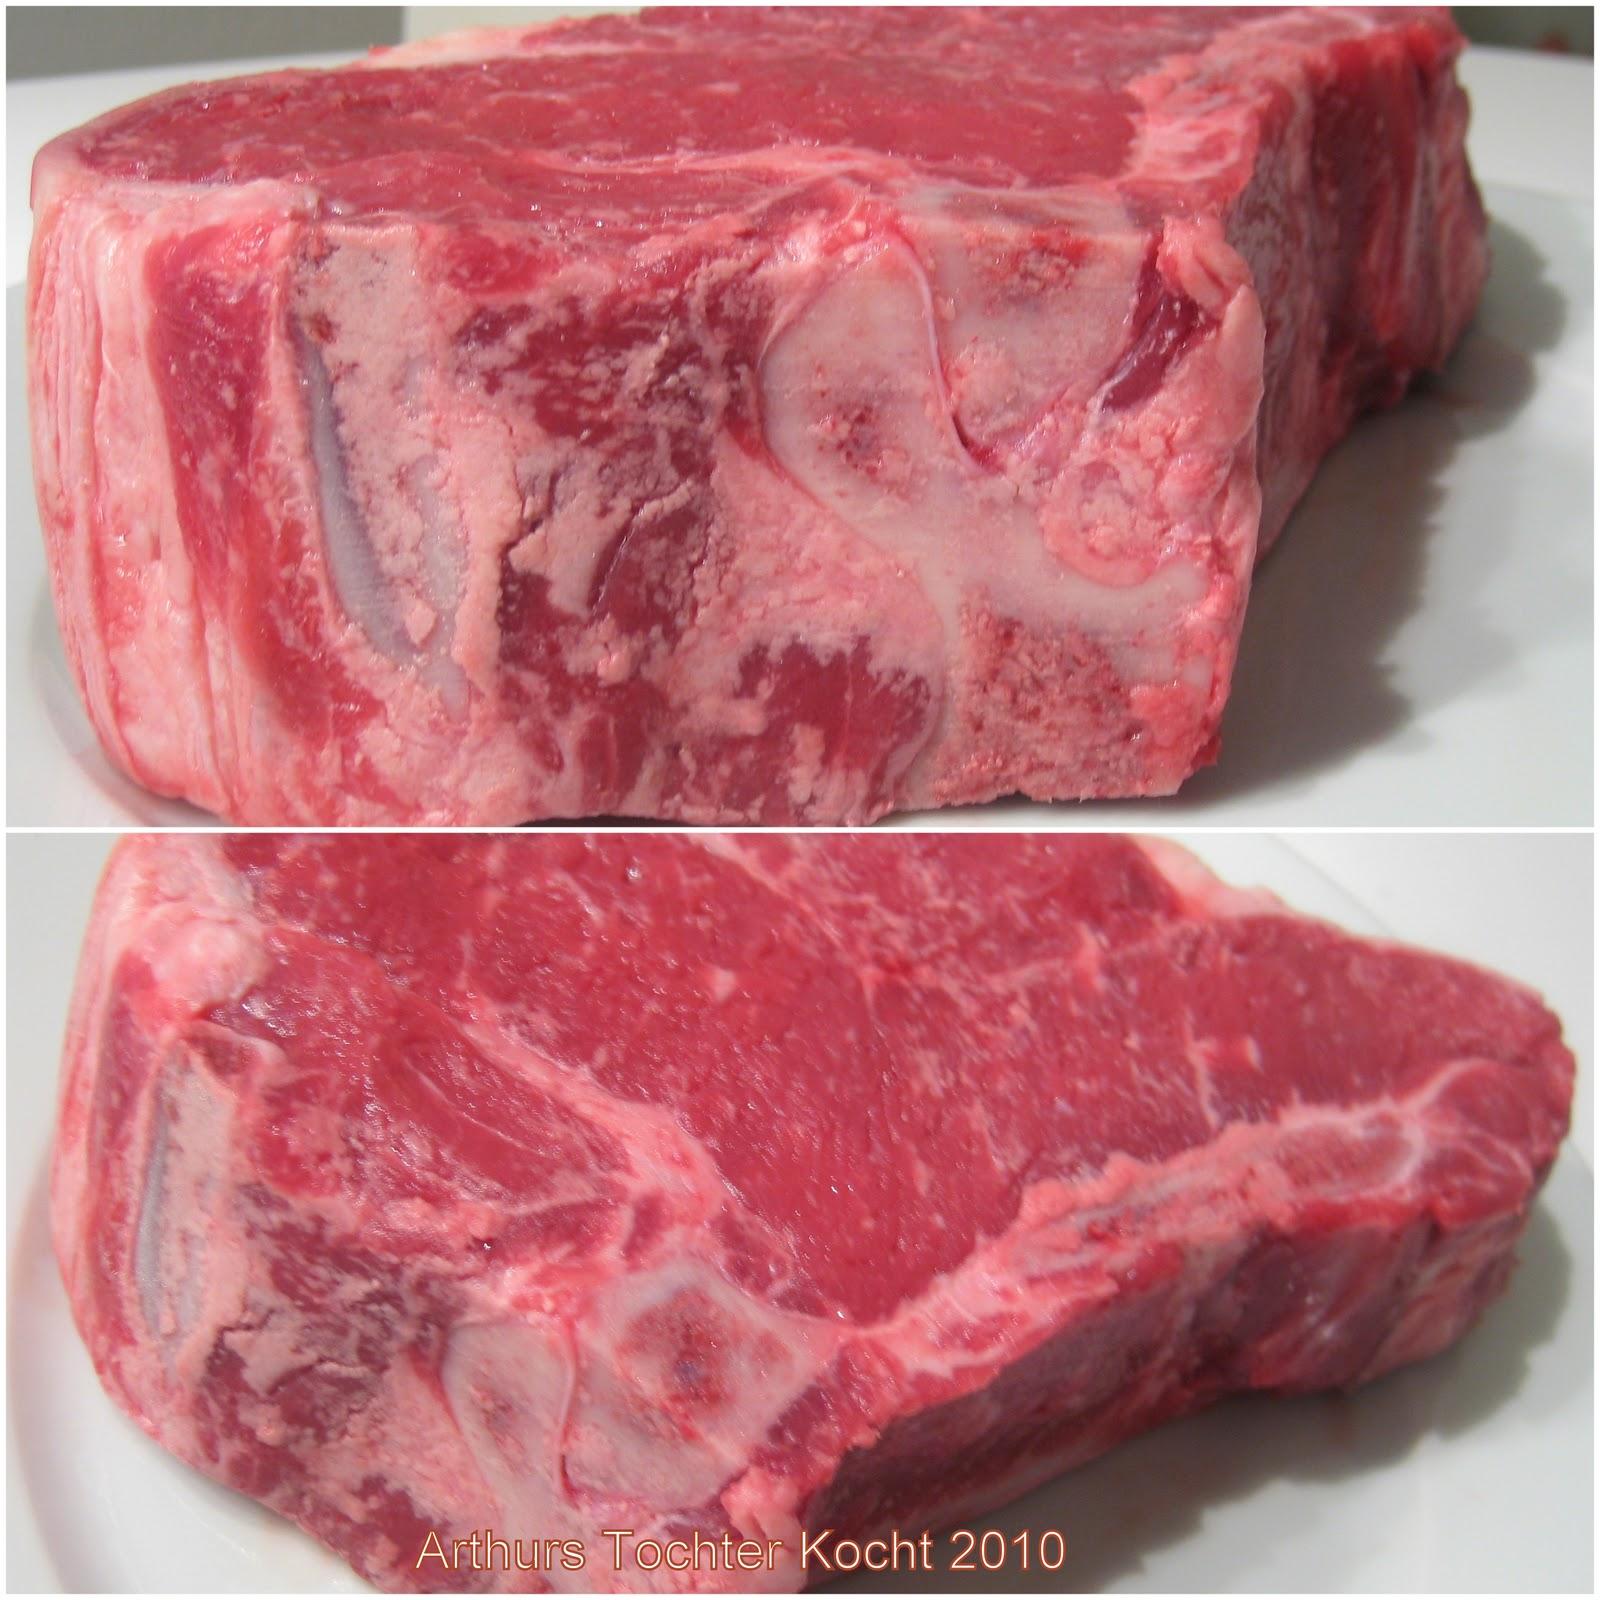 Dafür gibt es aber auch einen neuen Herd und neuen Backofen von Siemens (Meisterklasse) und ein ordentliches Steak, bzw. Kotelett vom Rind! | Arthurs Tochter kocht von Astrid Paul. Der Blog für Food, Wine, Travel & Love